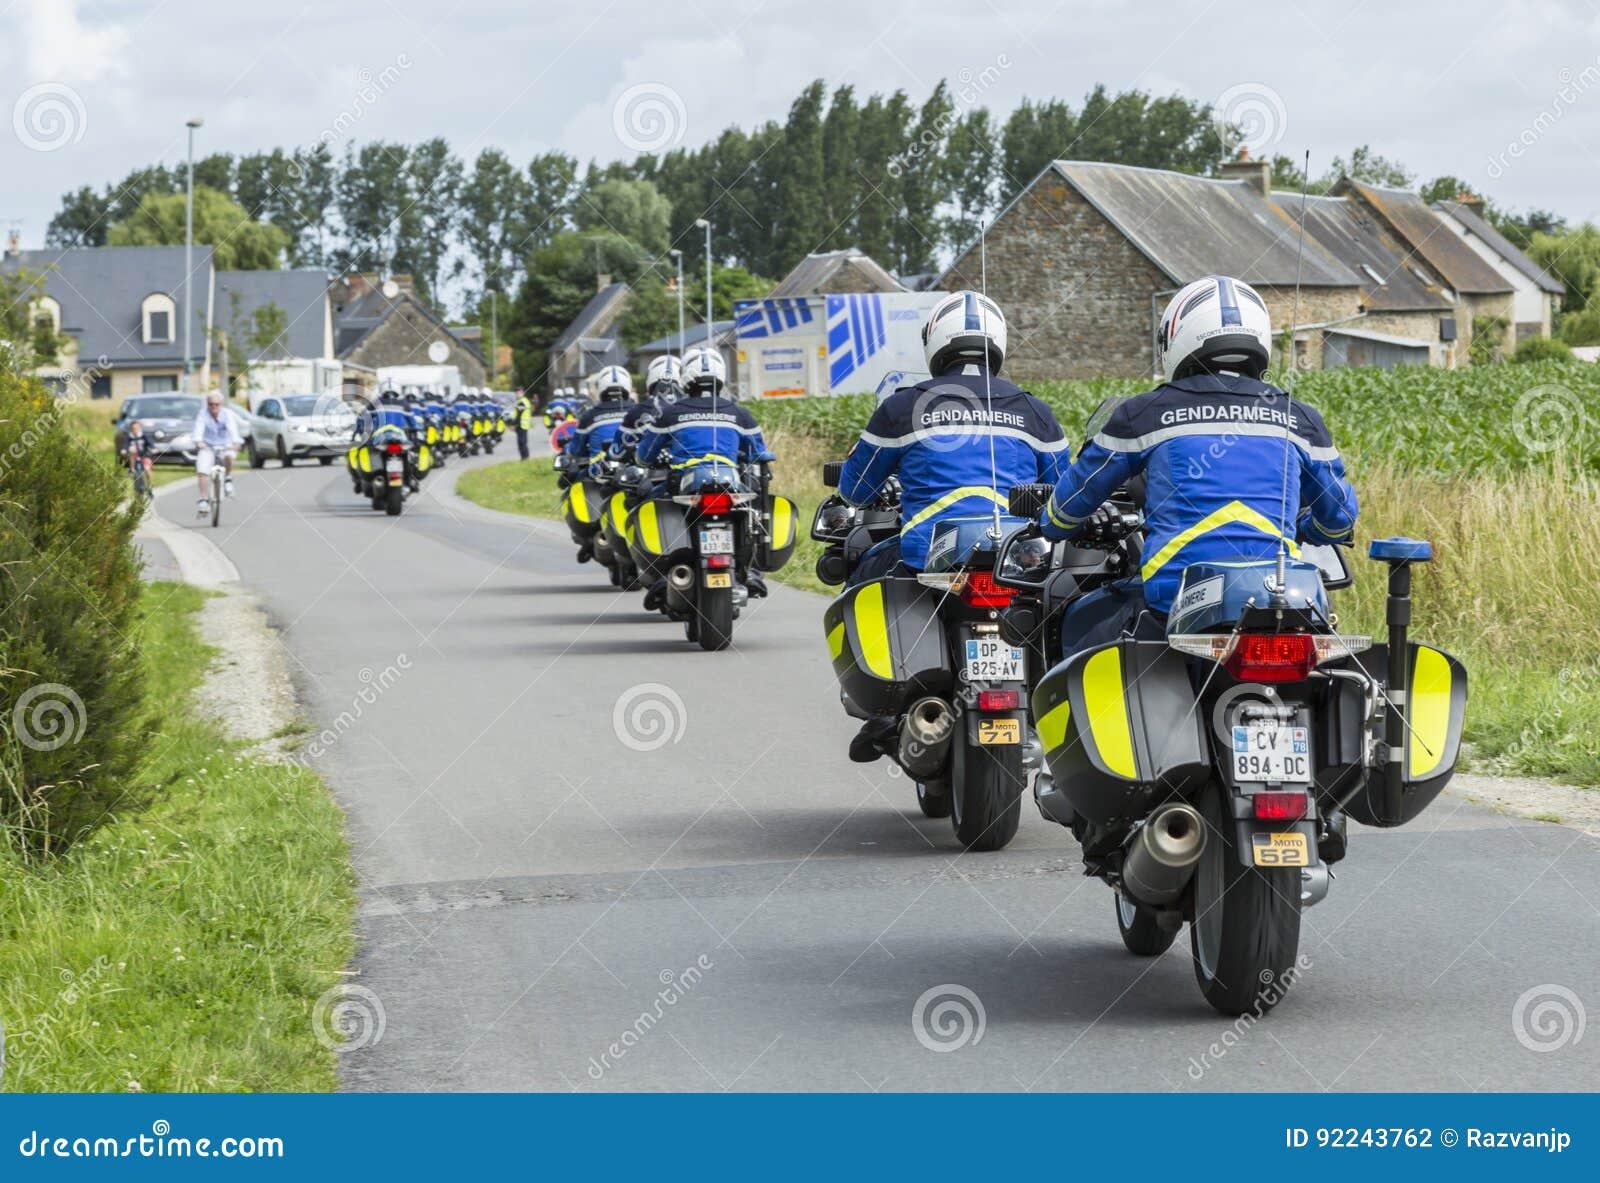 Row of French Policemen on Bikes - Tour de France 2016